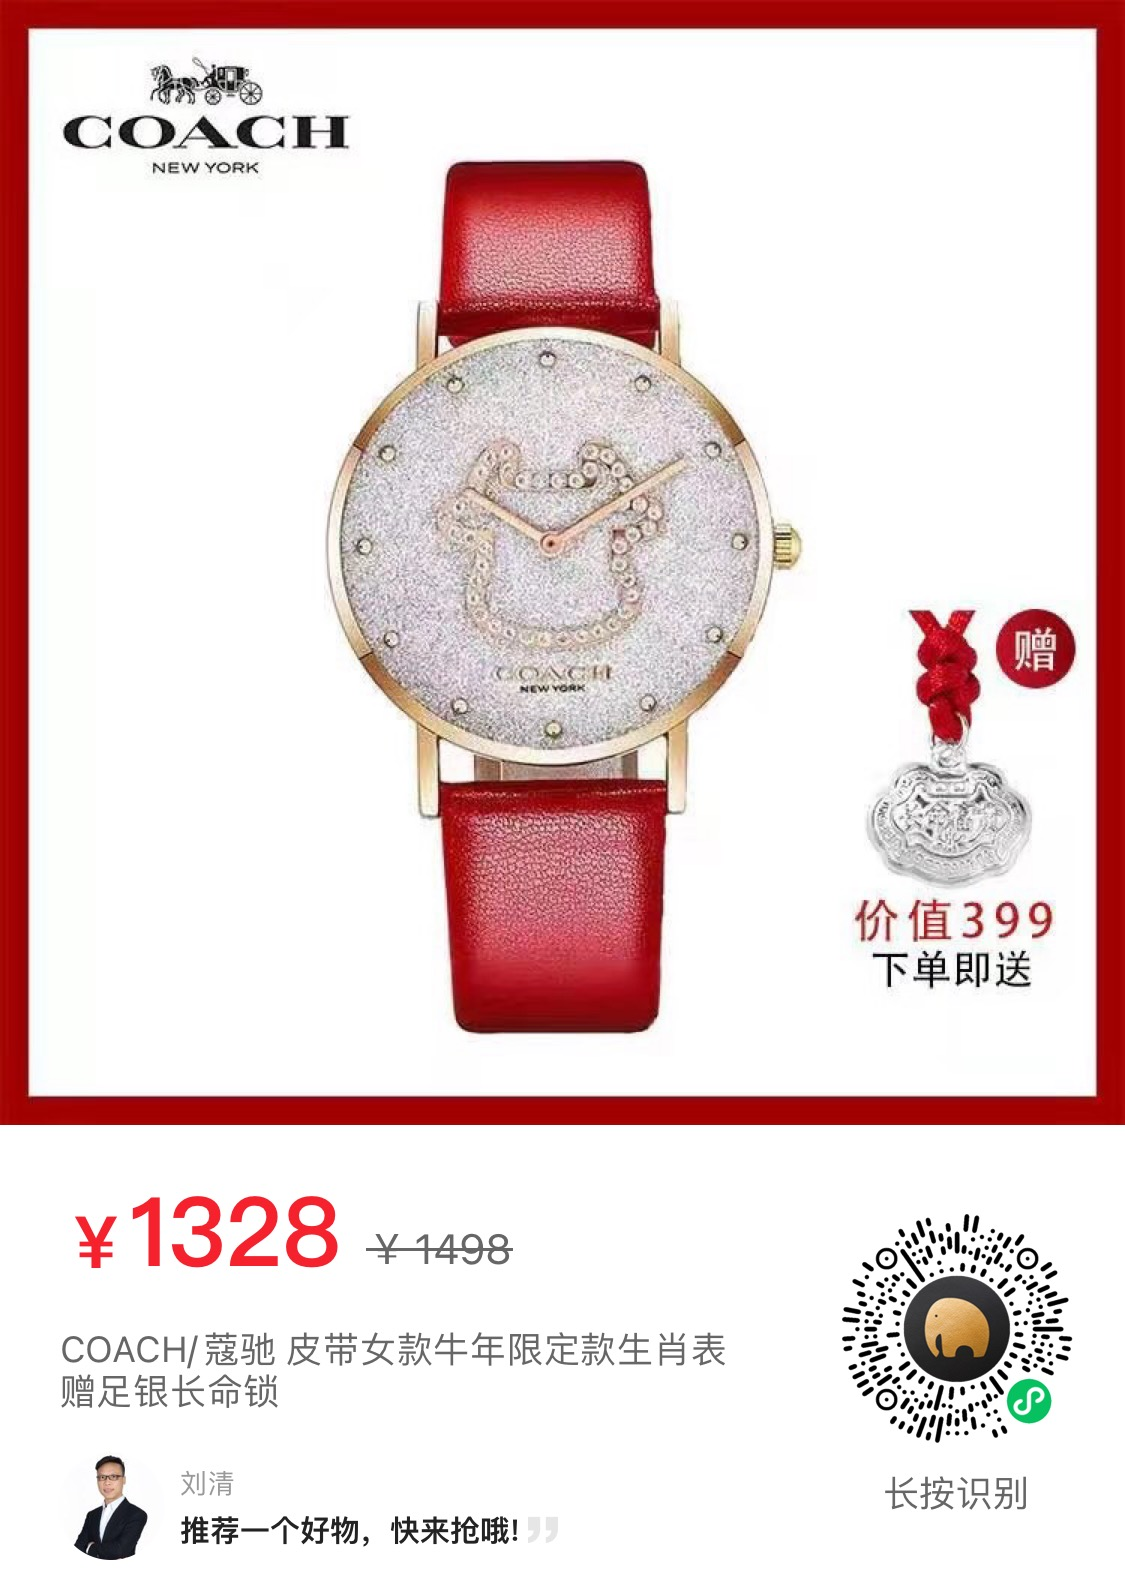 COACH蔻驰牛年纪念款女生手表价格!